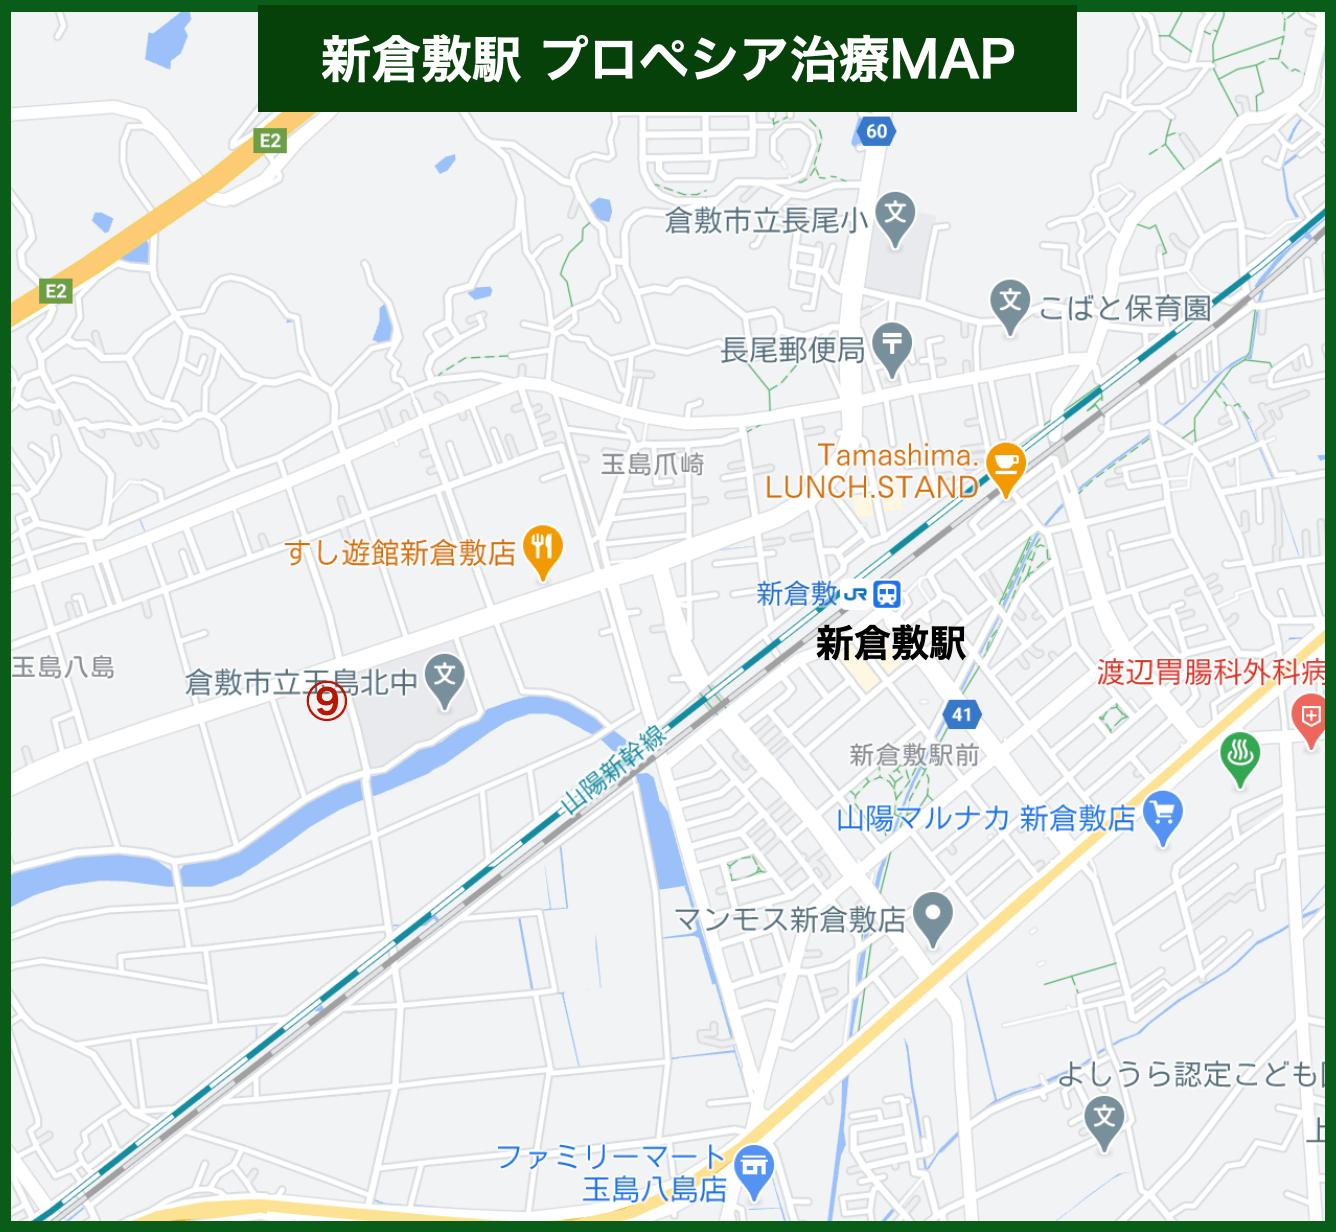 新倉敷駅 プロペシア治療MAP